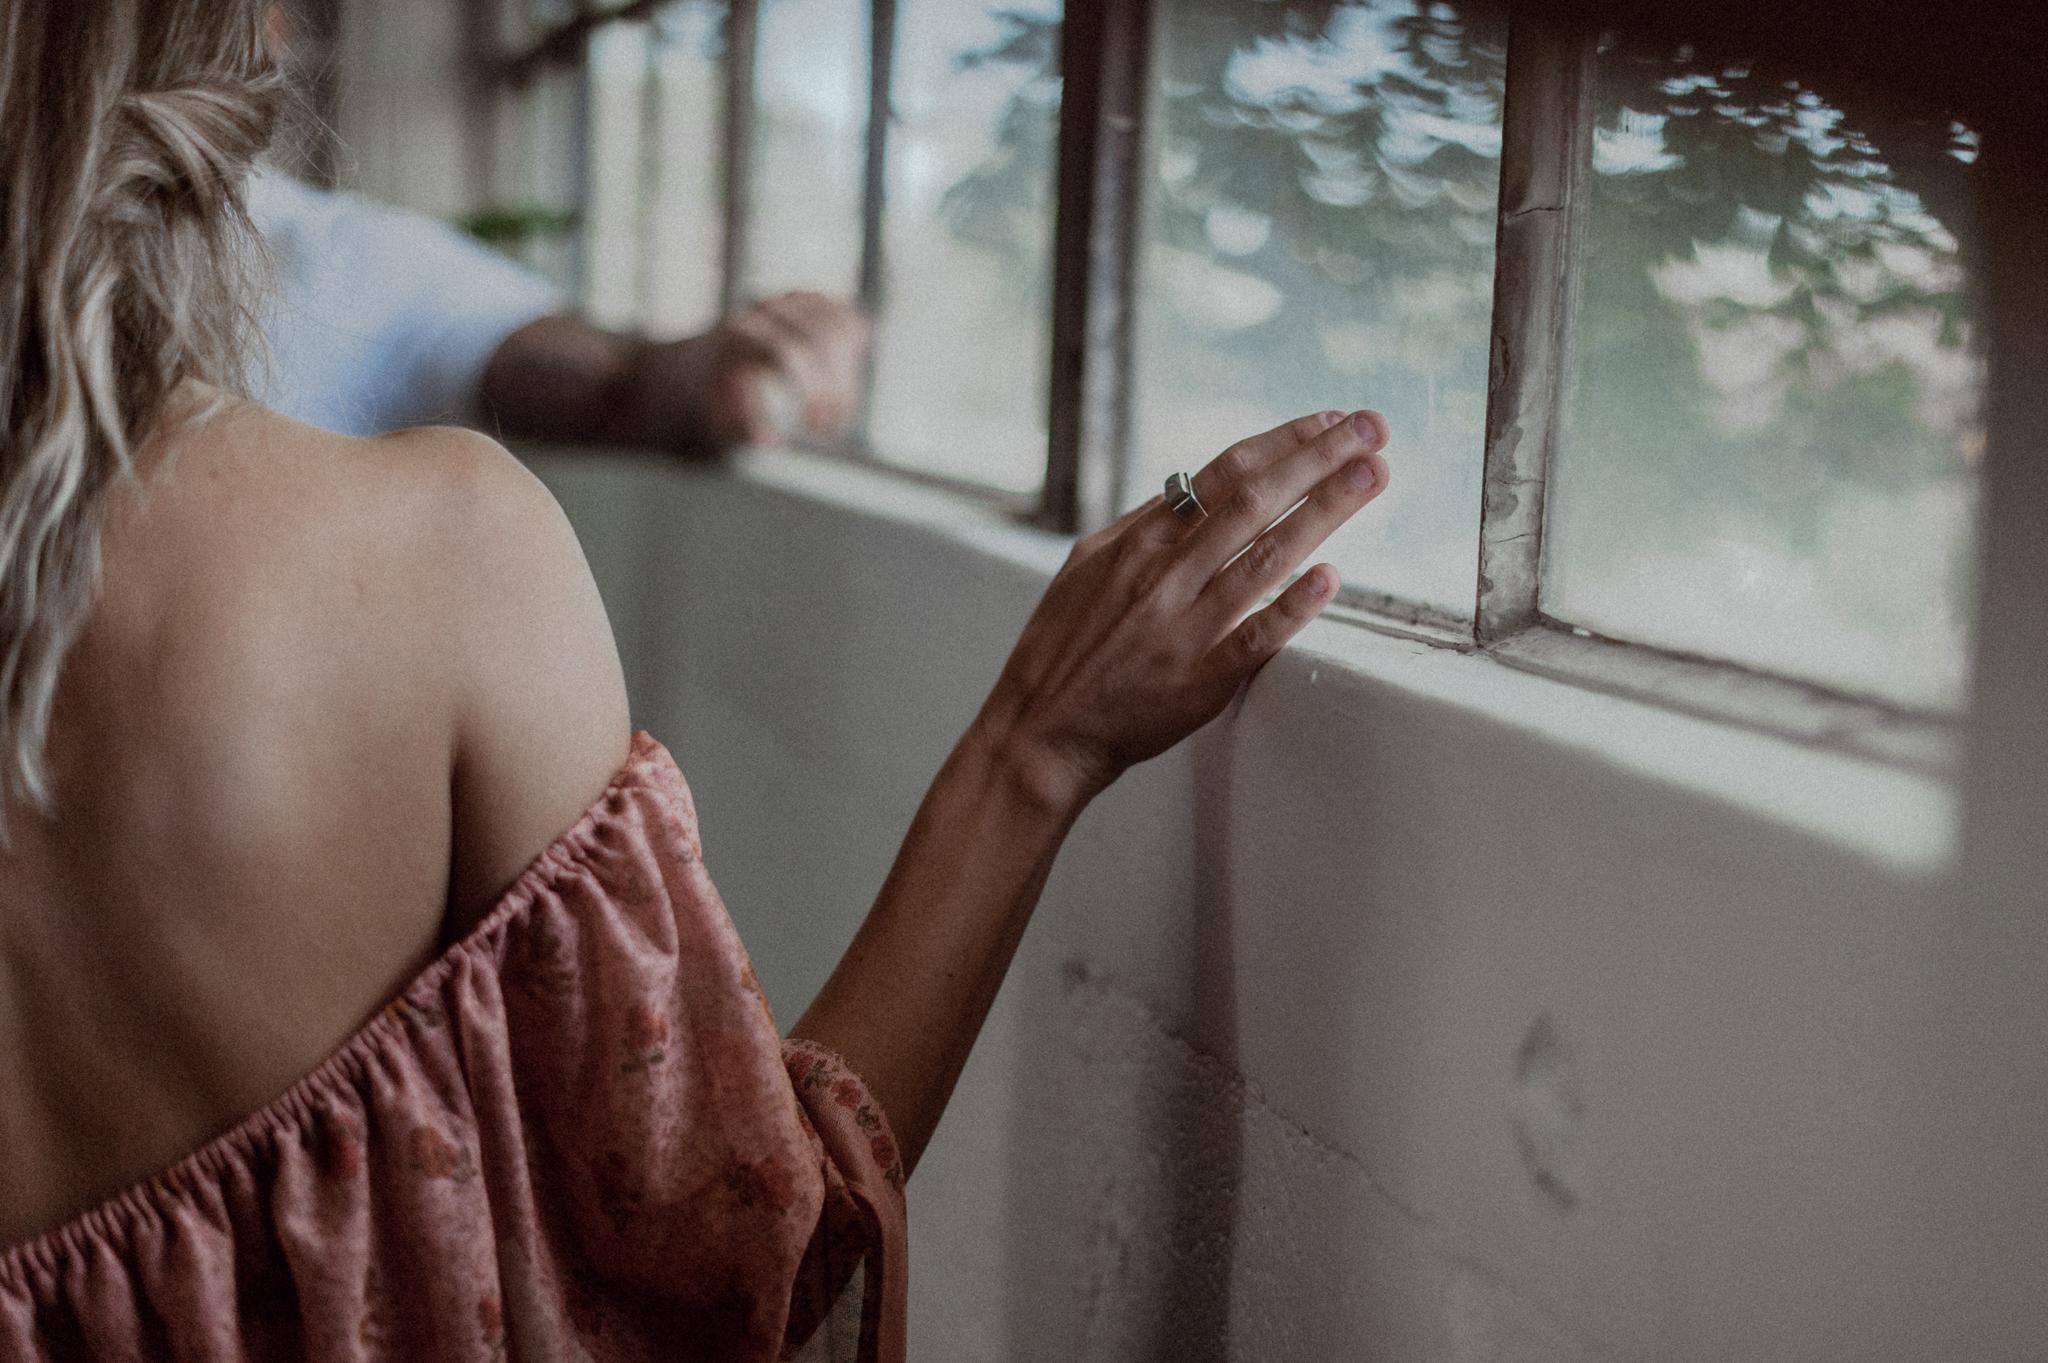 Girls hand running along window